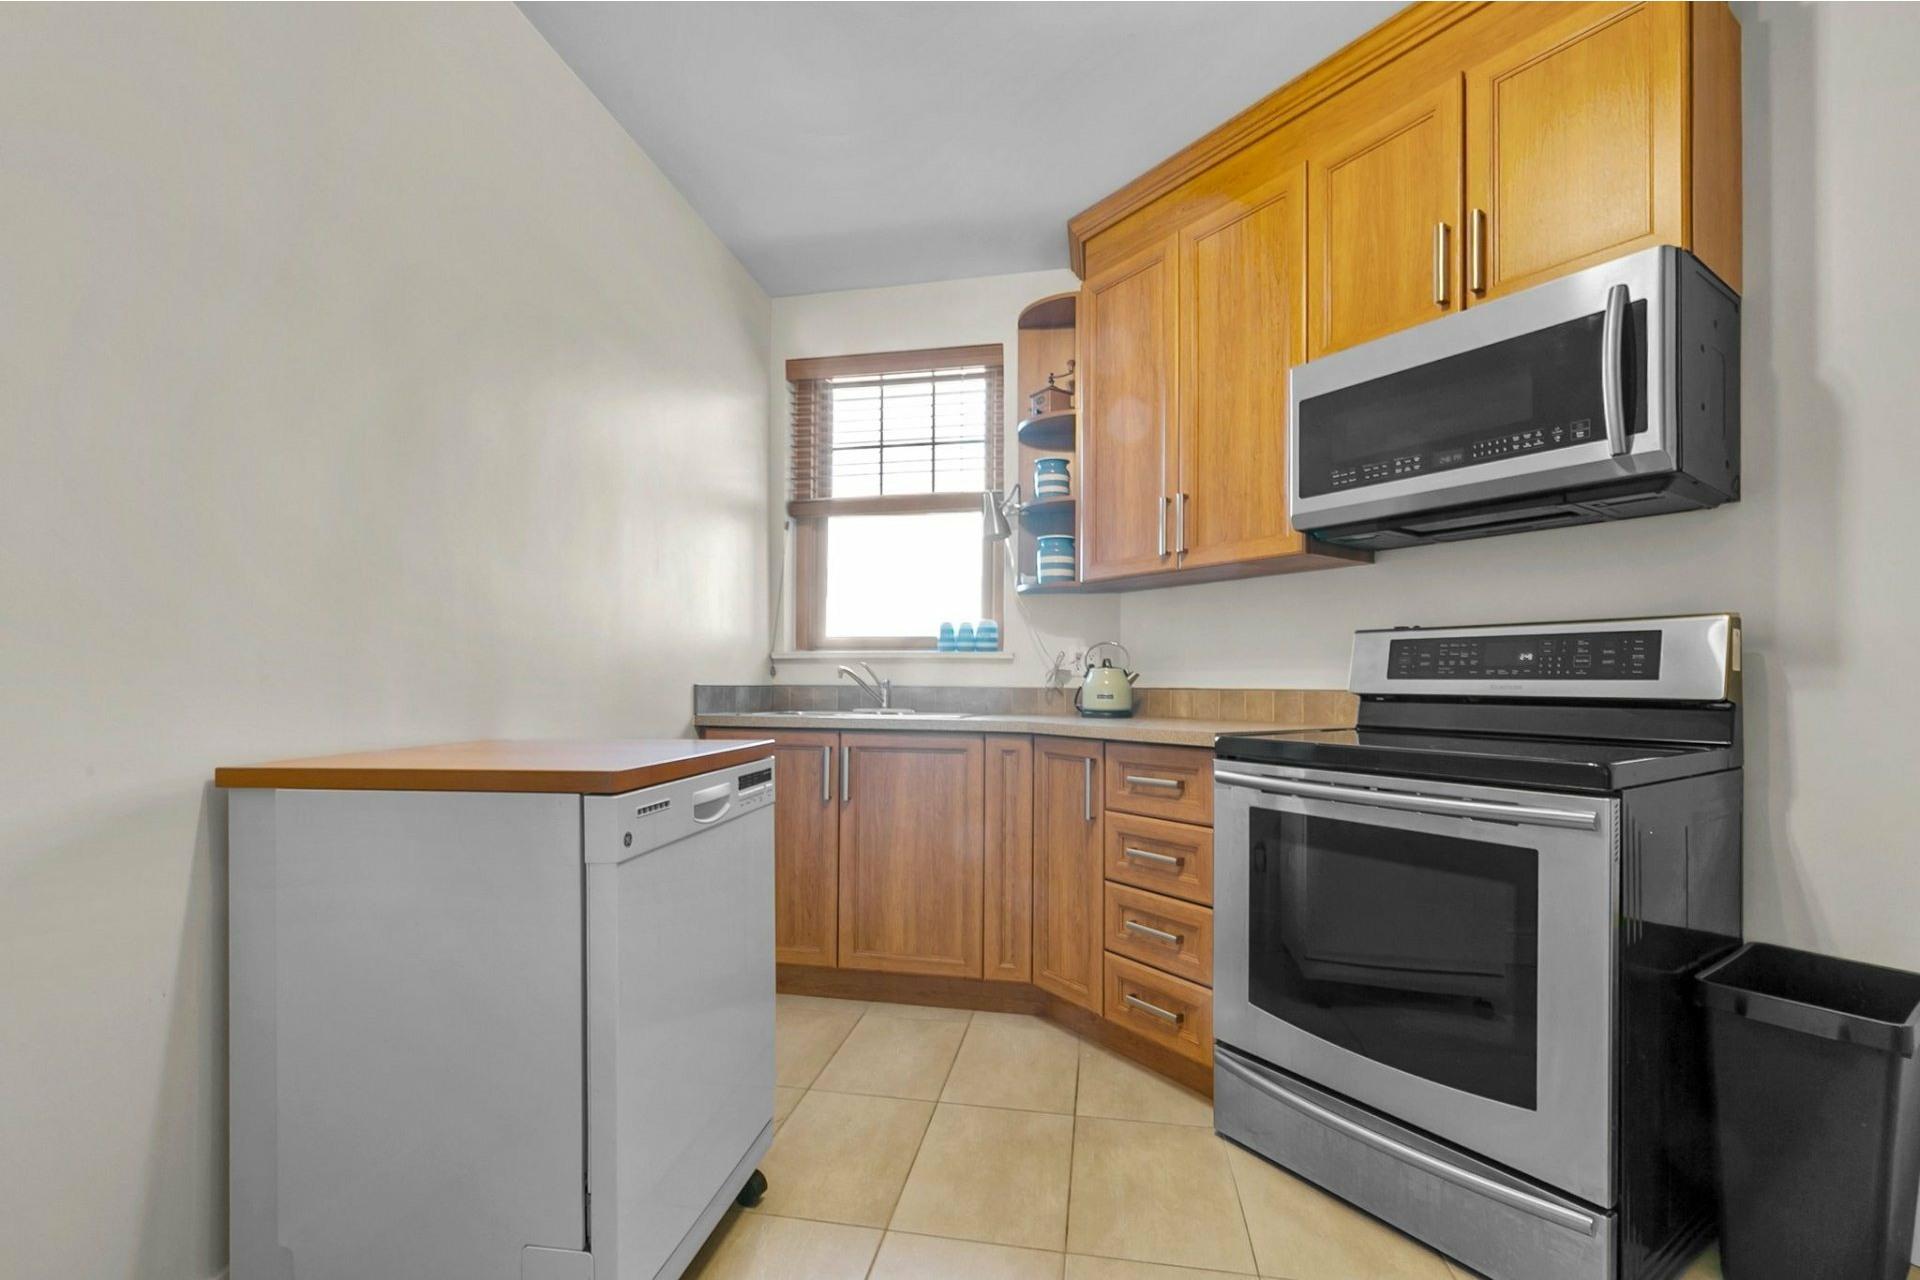 image 11 - Appartement À vendre Côte-des-Neiges/Notre-Dame-de-Grâce Montréal  - 7 pièces